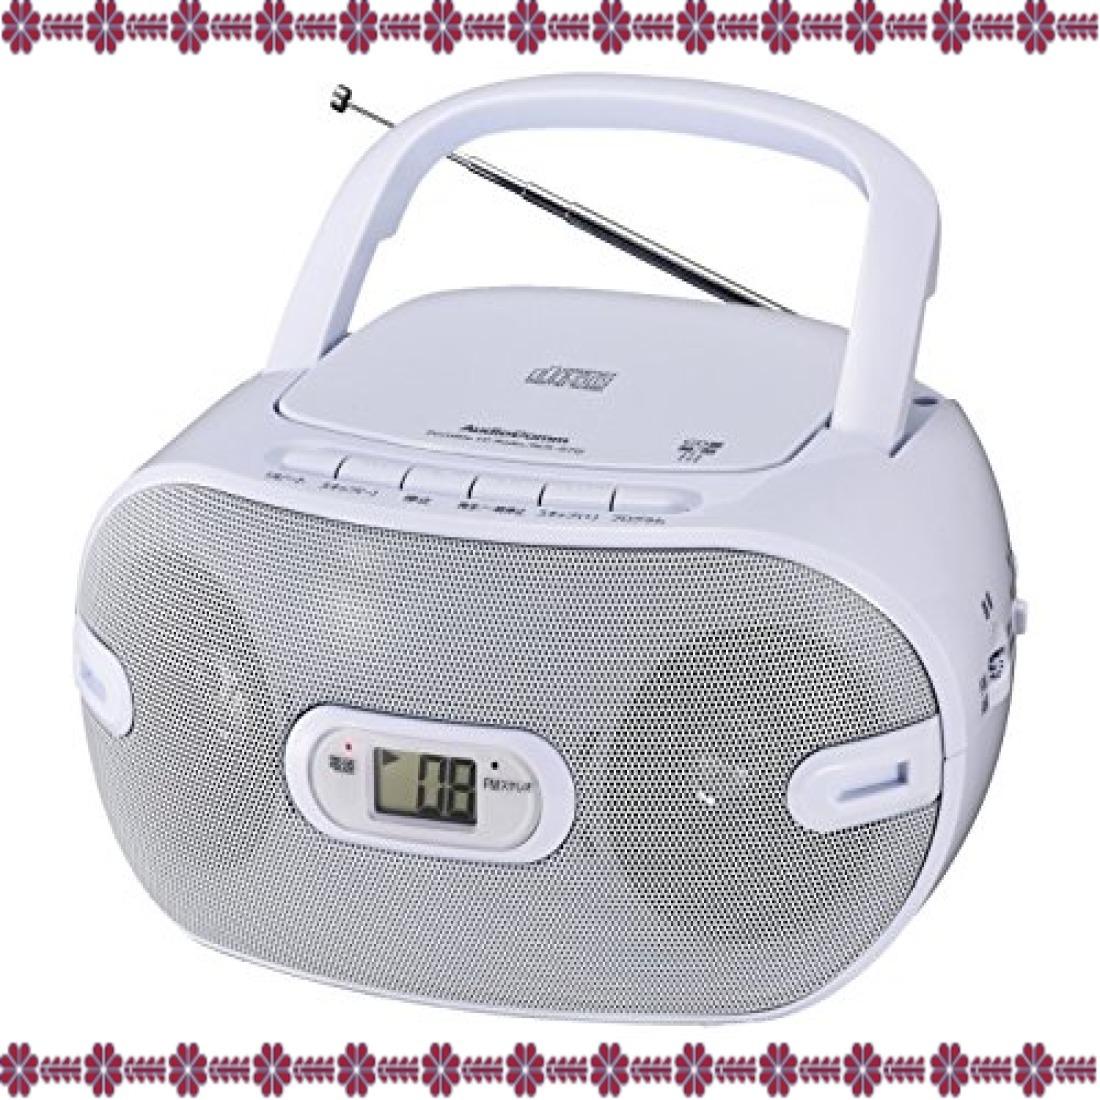 ホワイト 幅231×高さ116×奥行218mm オーム電機 Audio Comm CDラジオ871Z RCR-871Z ホワイト_画像5